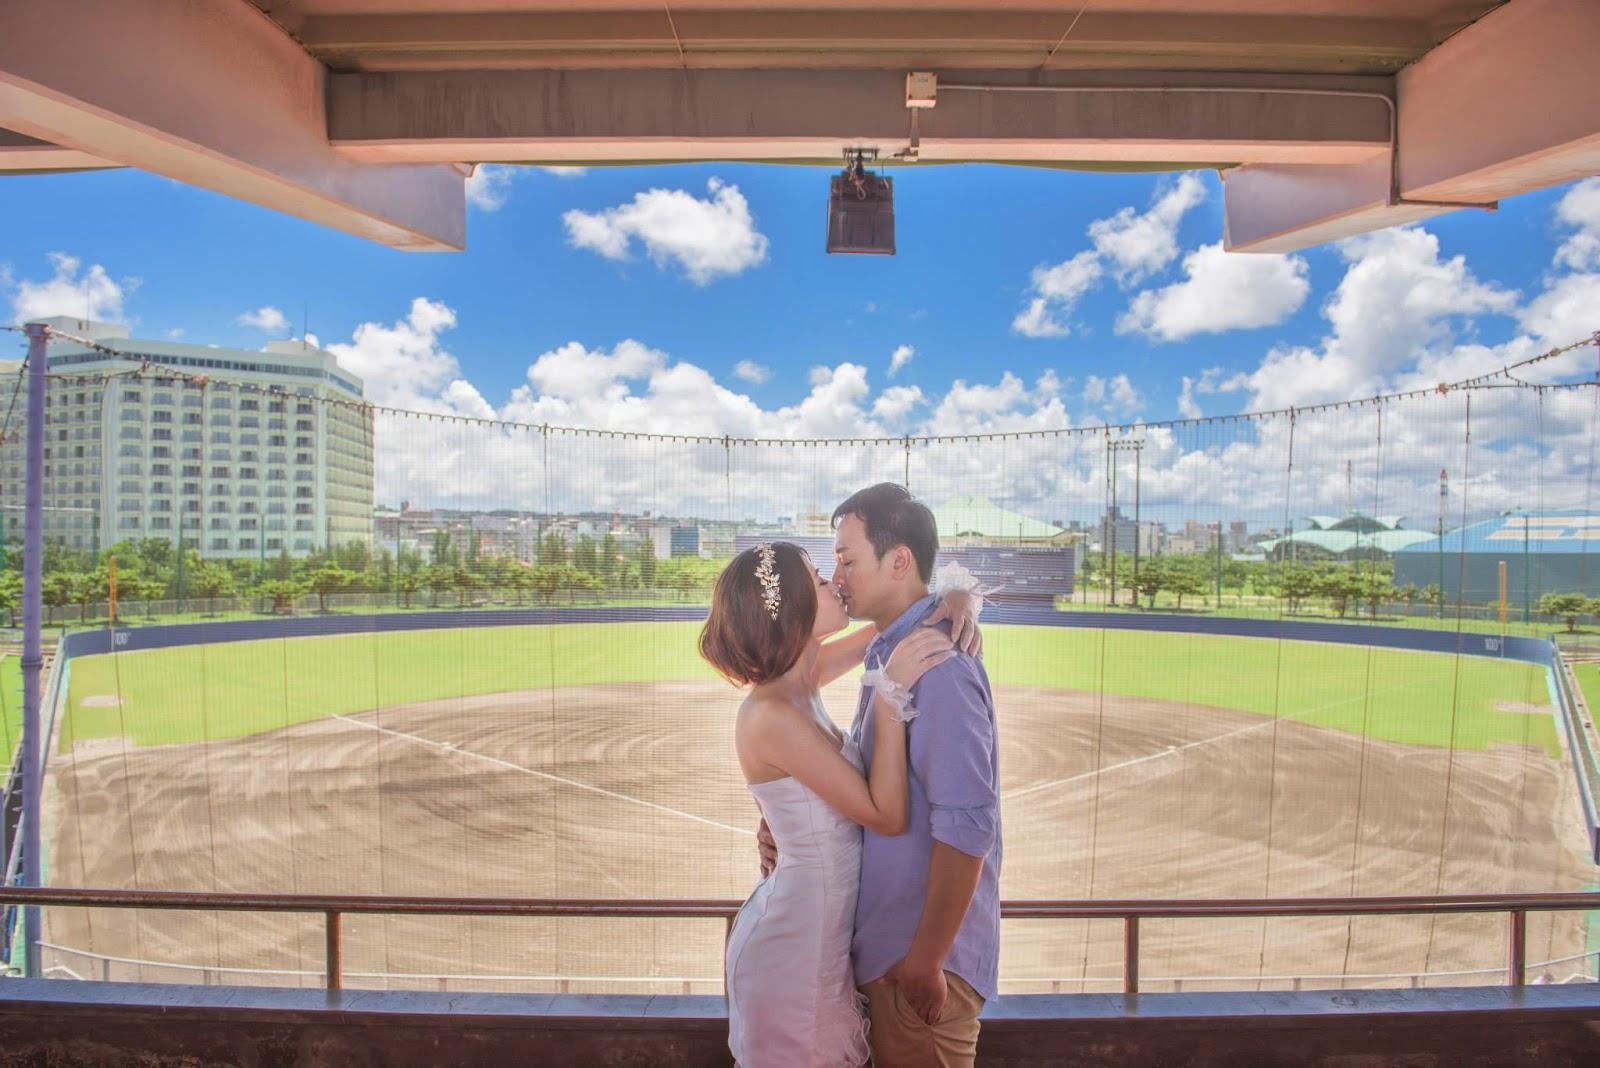 宜野棒球場